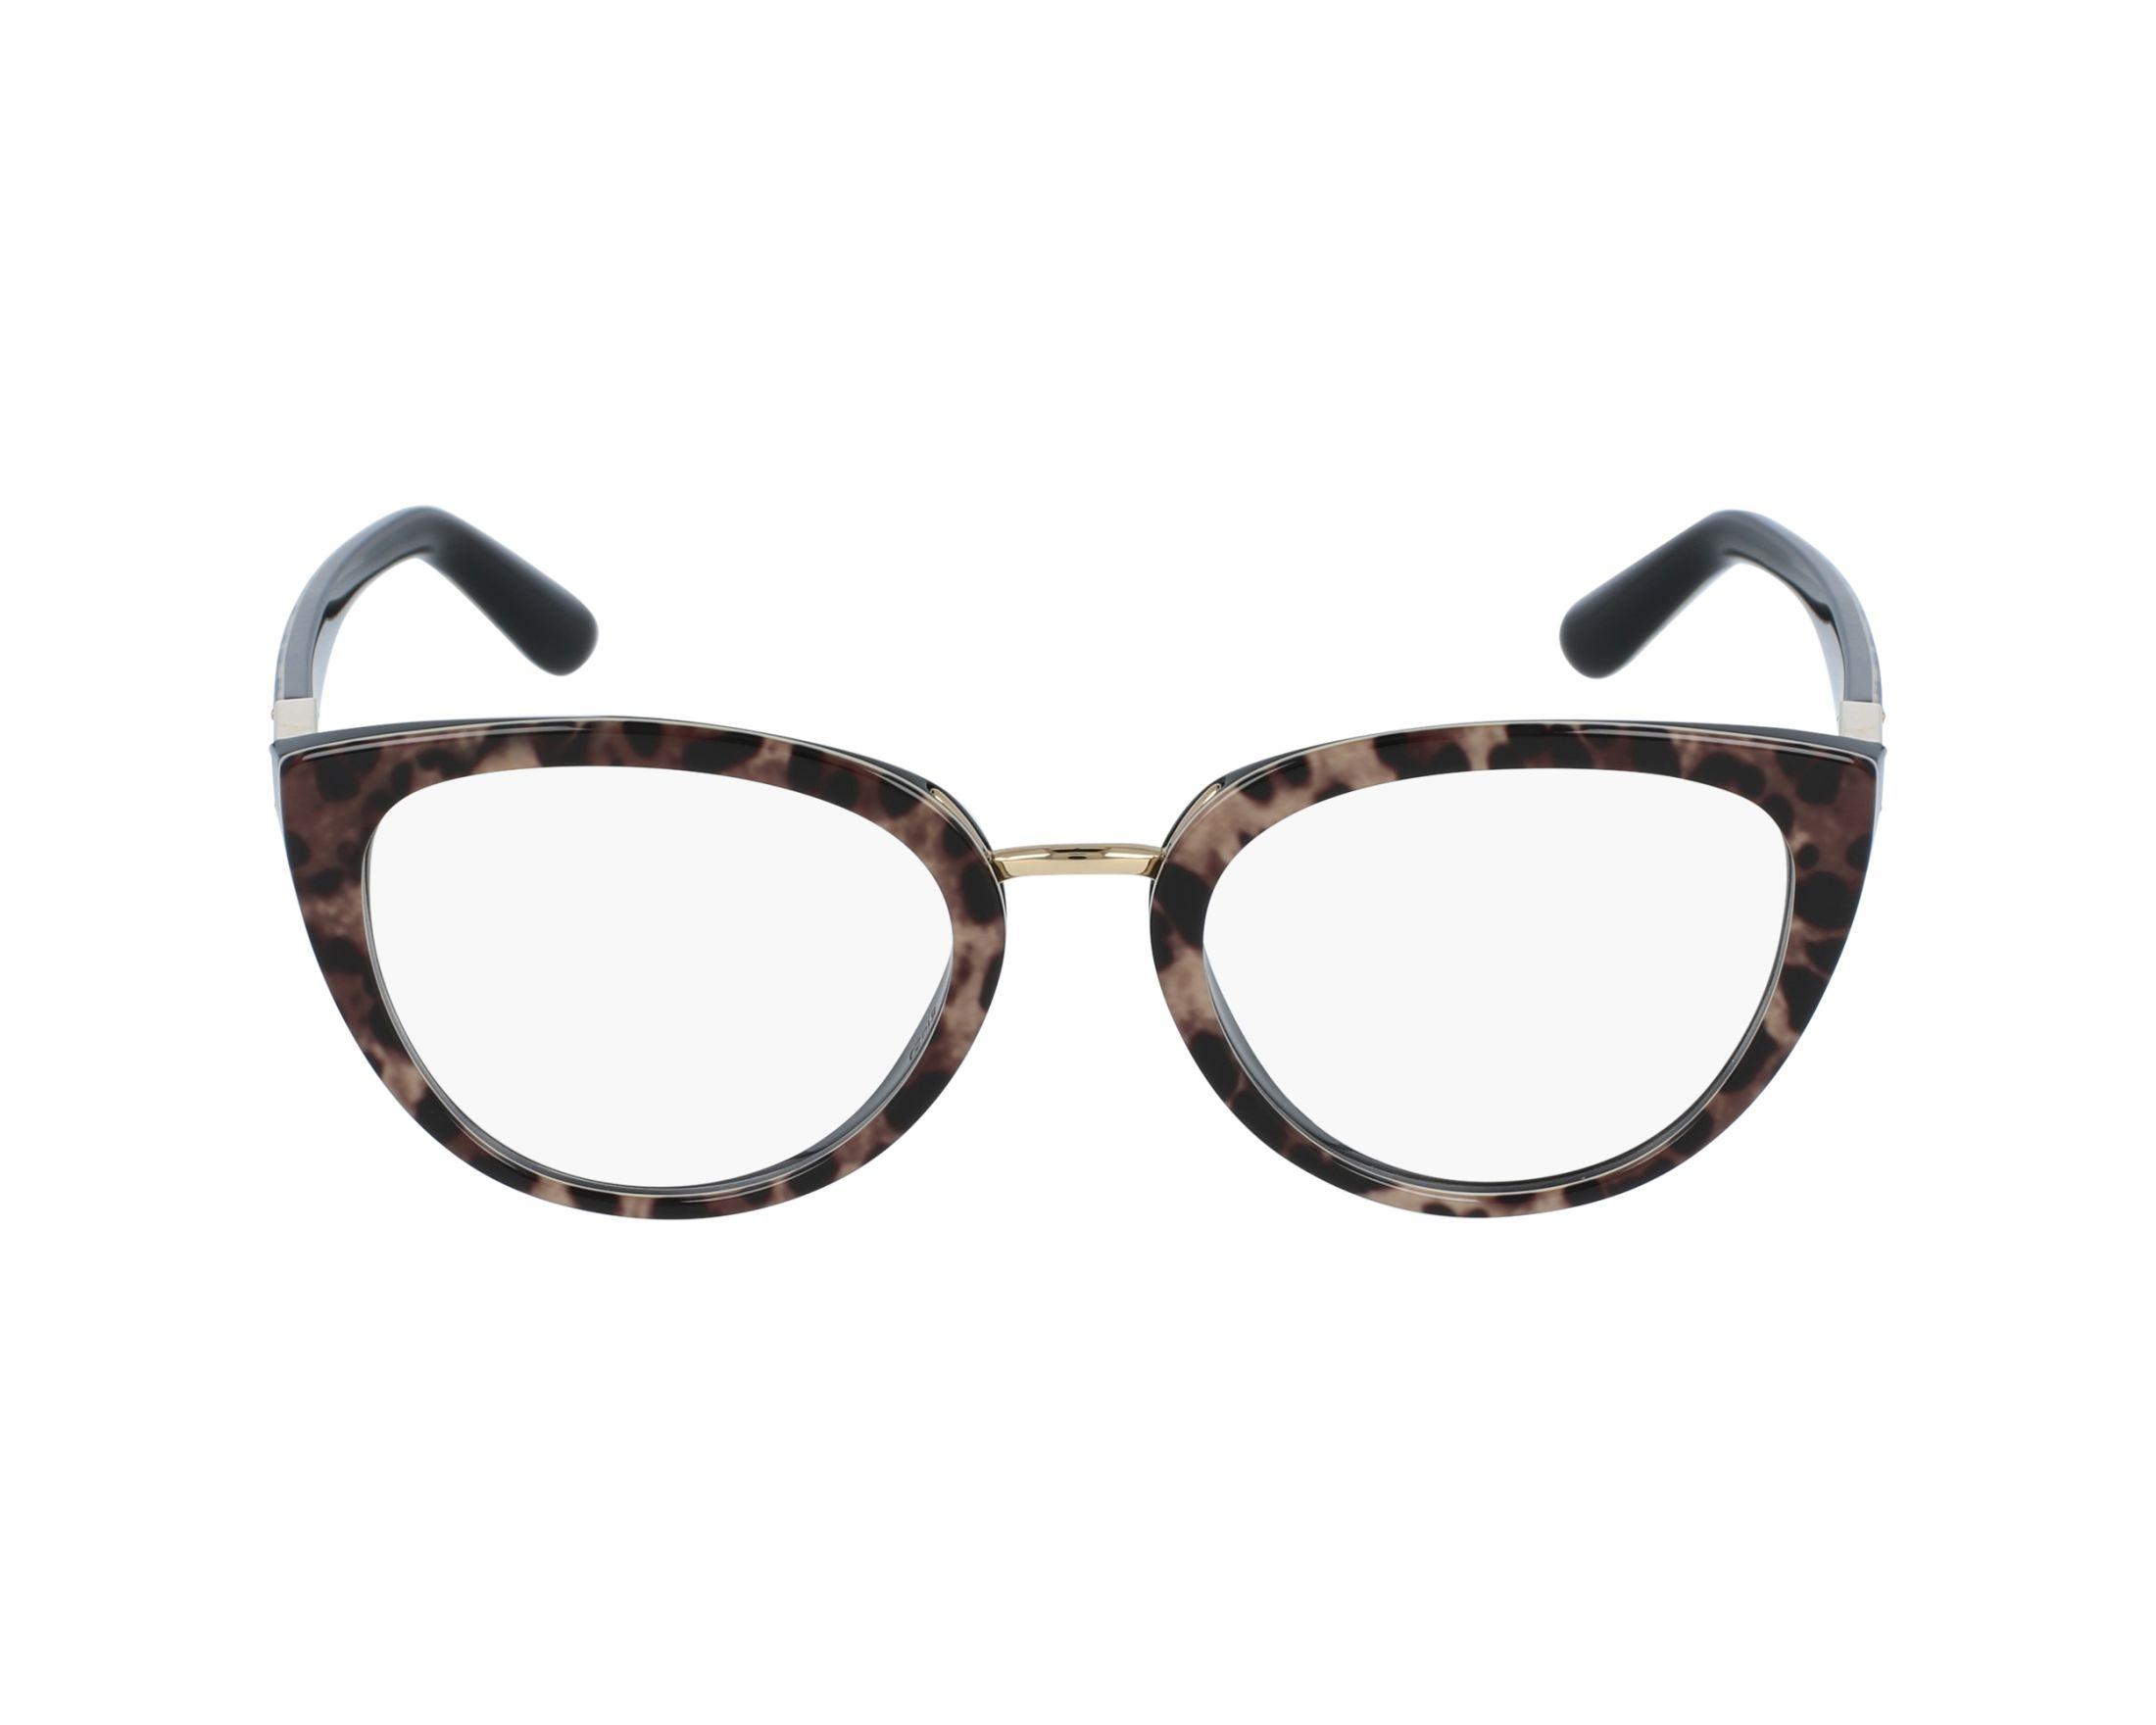 dolce gabbana brille dg 3262 1995 leopard gl ser. Black Bedroom Furniture Sets. Home Design Ideas